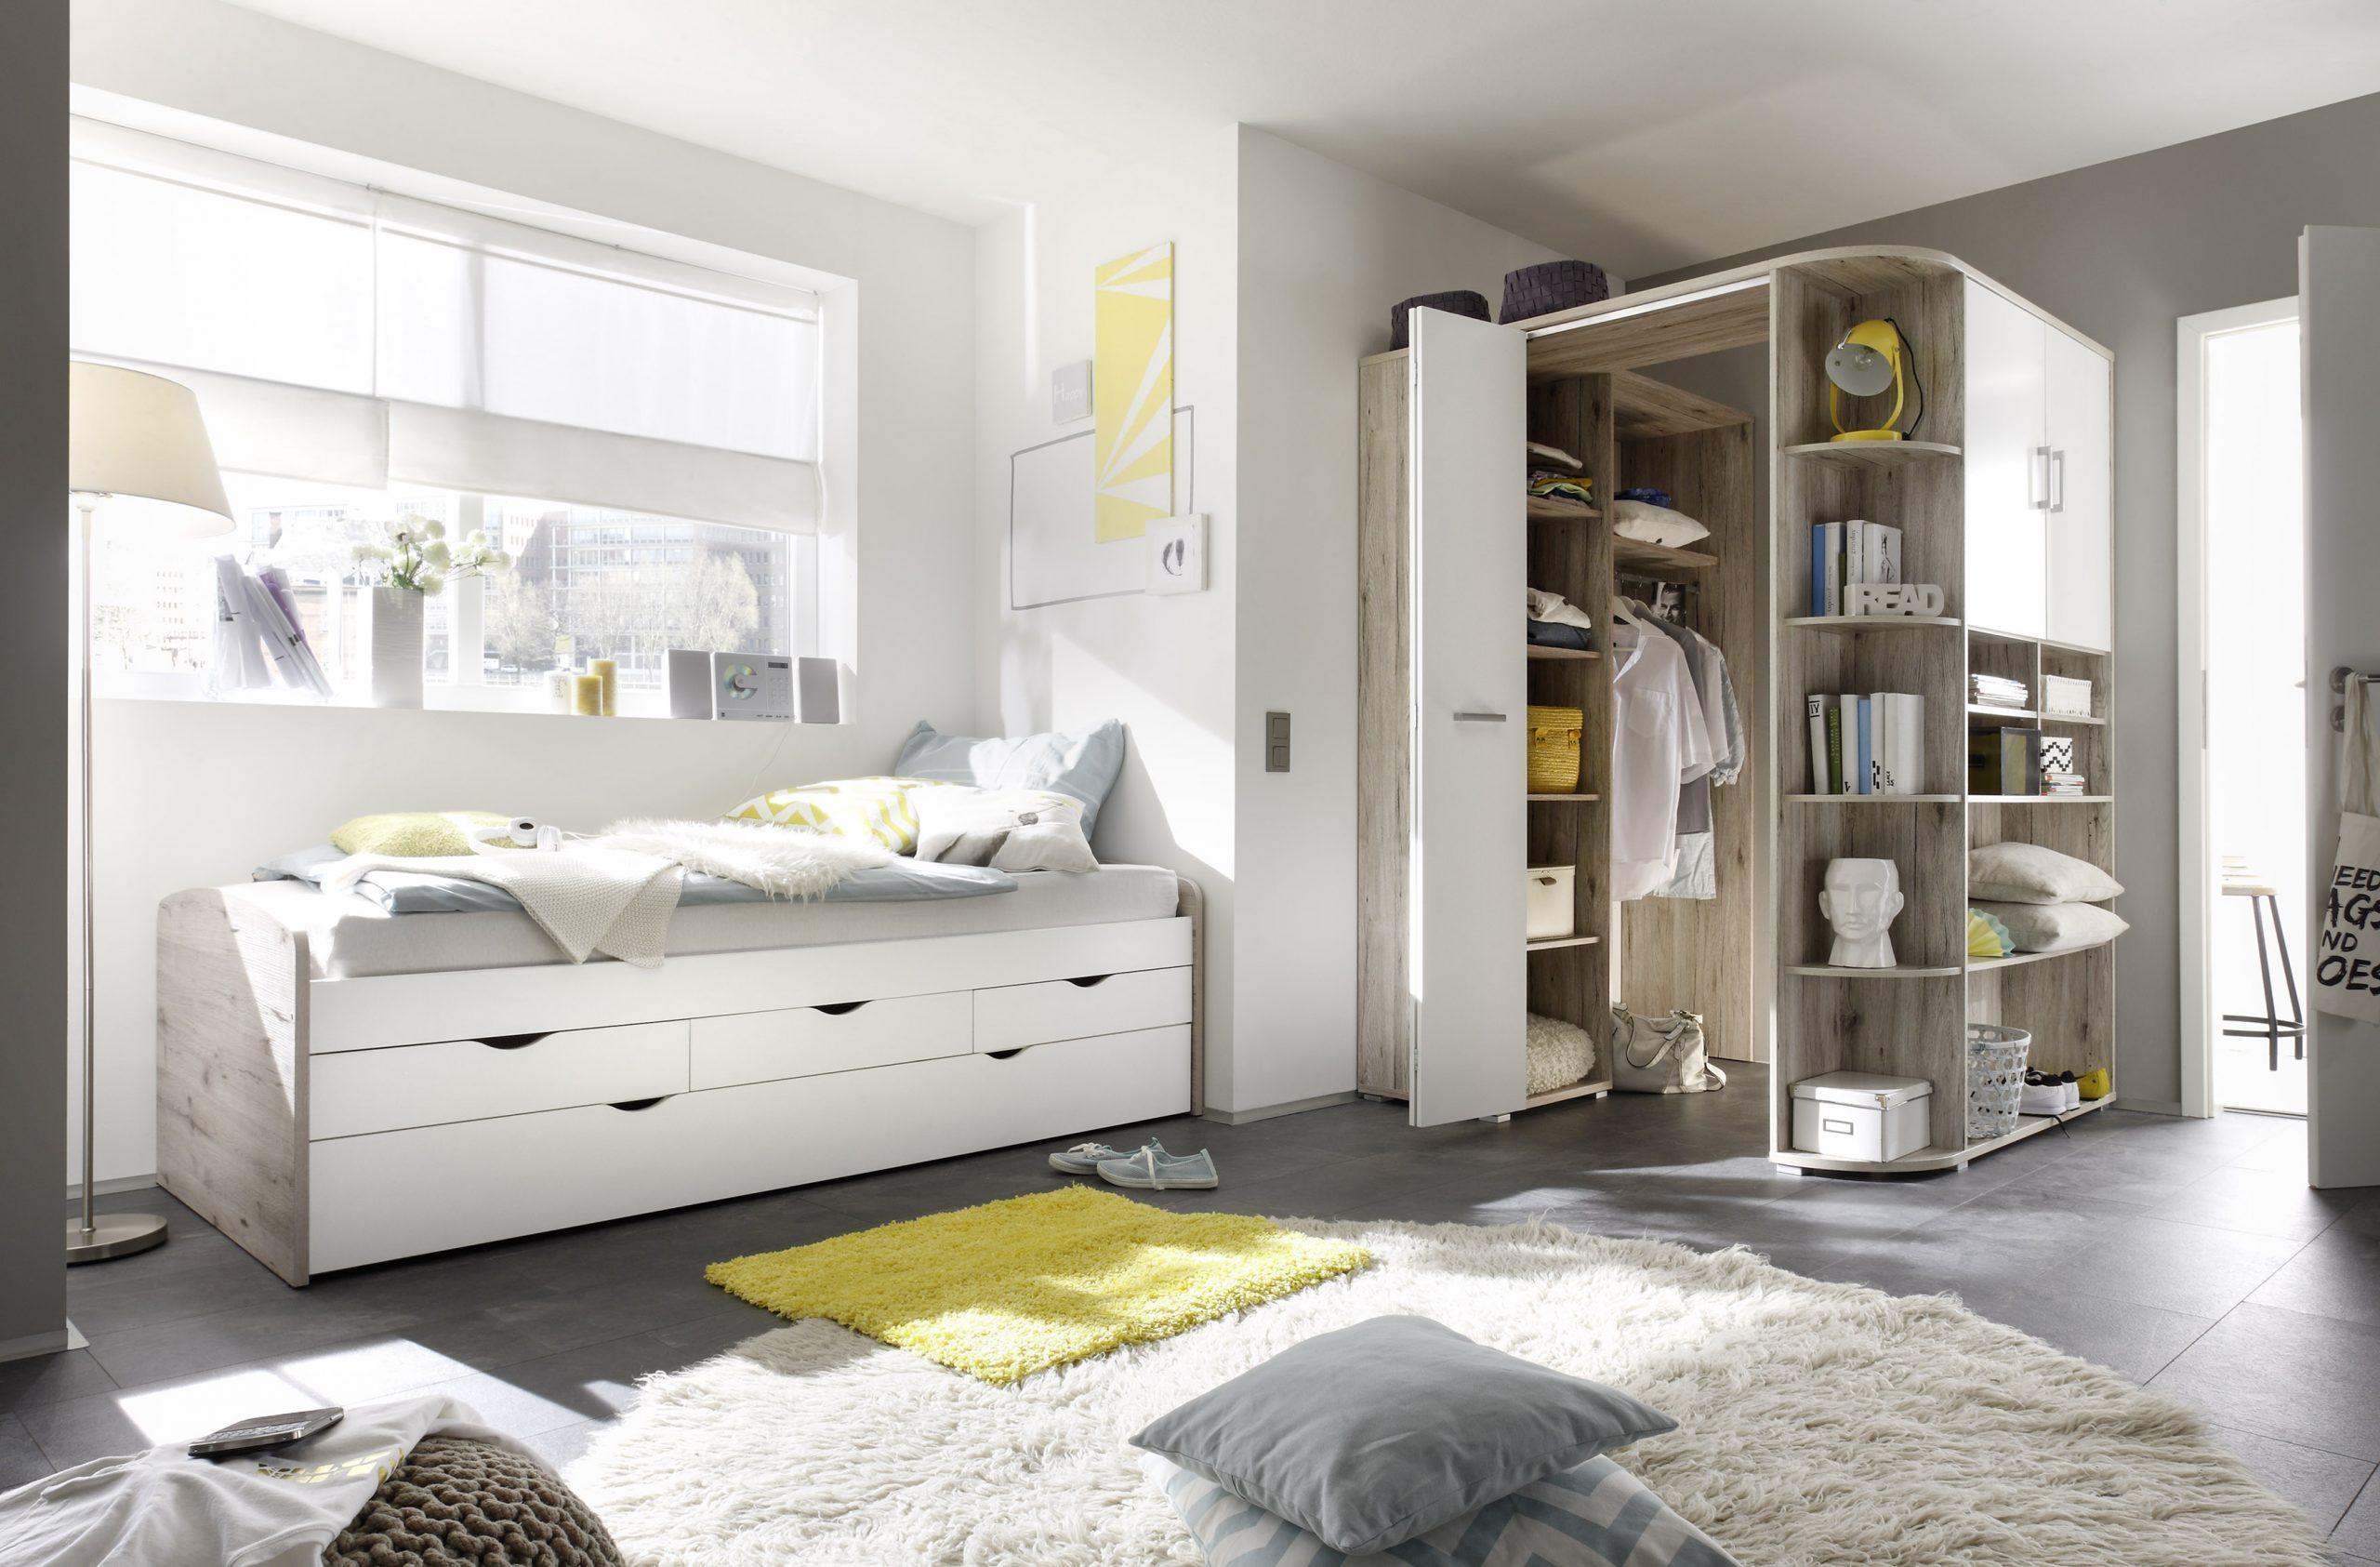 Full Size of Ausziehbett Eckkleiderschrank Bett 90cm Einzelbett Schlafzimmer Deckenleuchte Modern Deckenleuchten Gardinen Rauch Sessel Schimmel Im Vorhänge Günstige Schlafzimmer Eckschrank Schlafzimmer